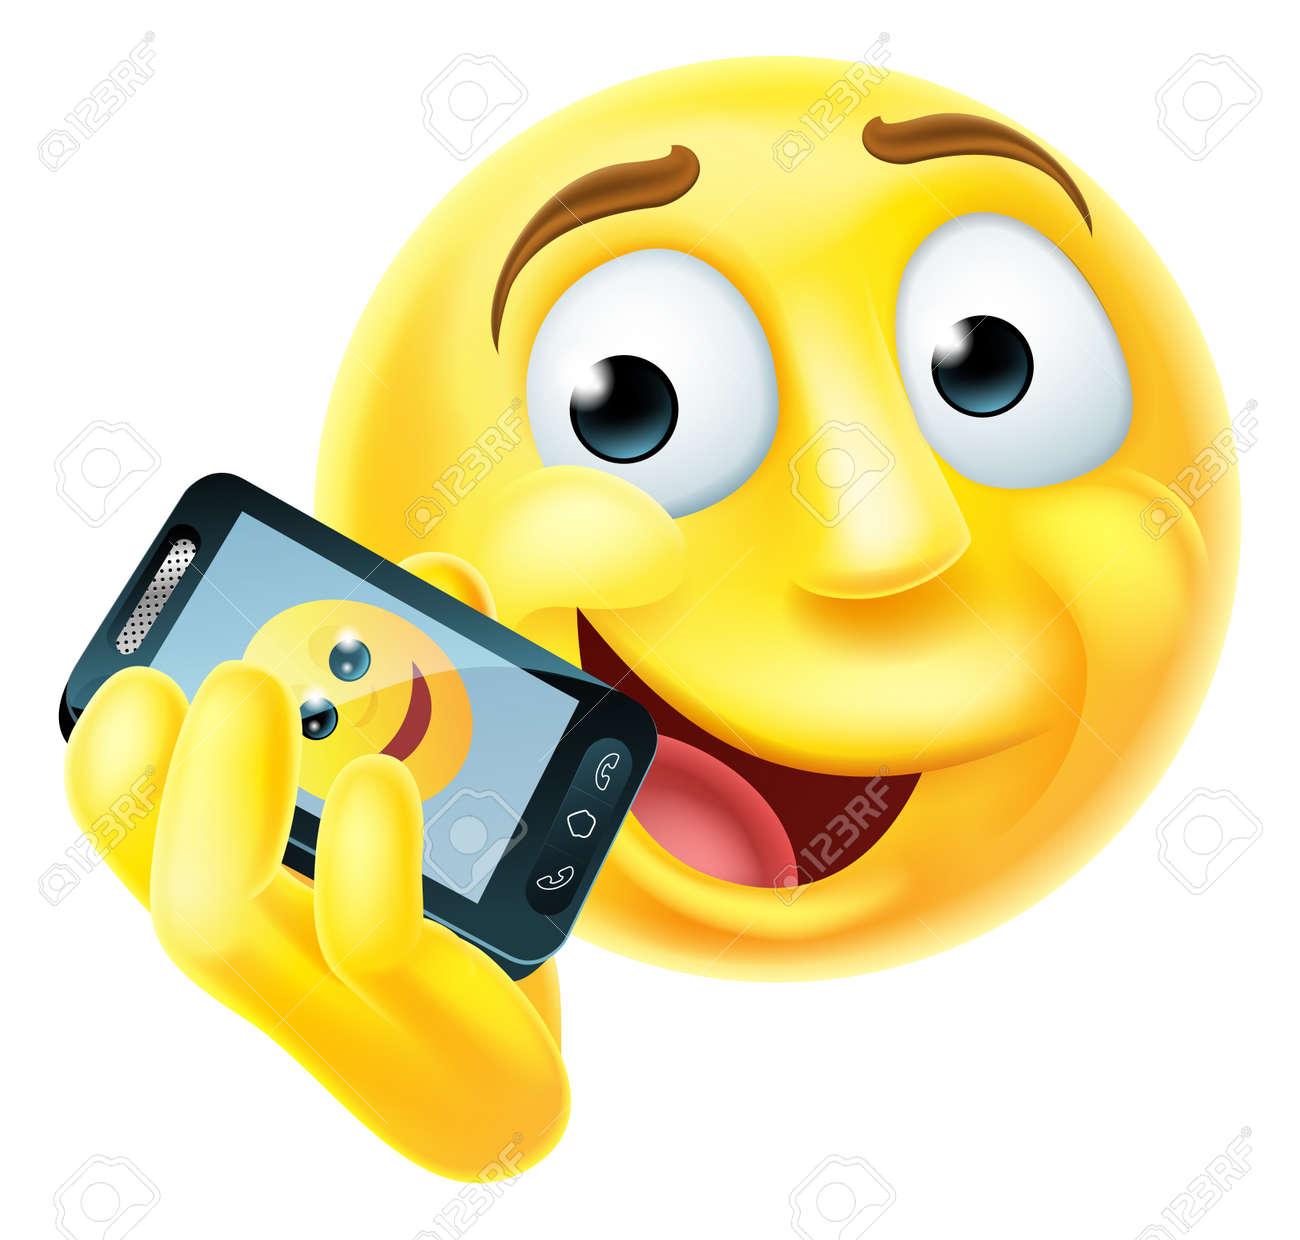 Un Emoji Emoticone Caractere Face Smiley Heureux De Parler Sur Un Telephone Mobile Ou Un Telephone Cellulaire Clip Art Libres De Droits Vecteurs Et Illustration Image 47535044